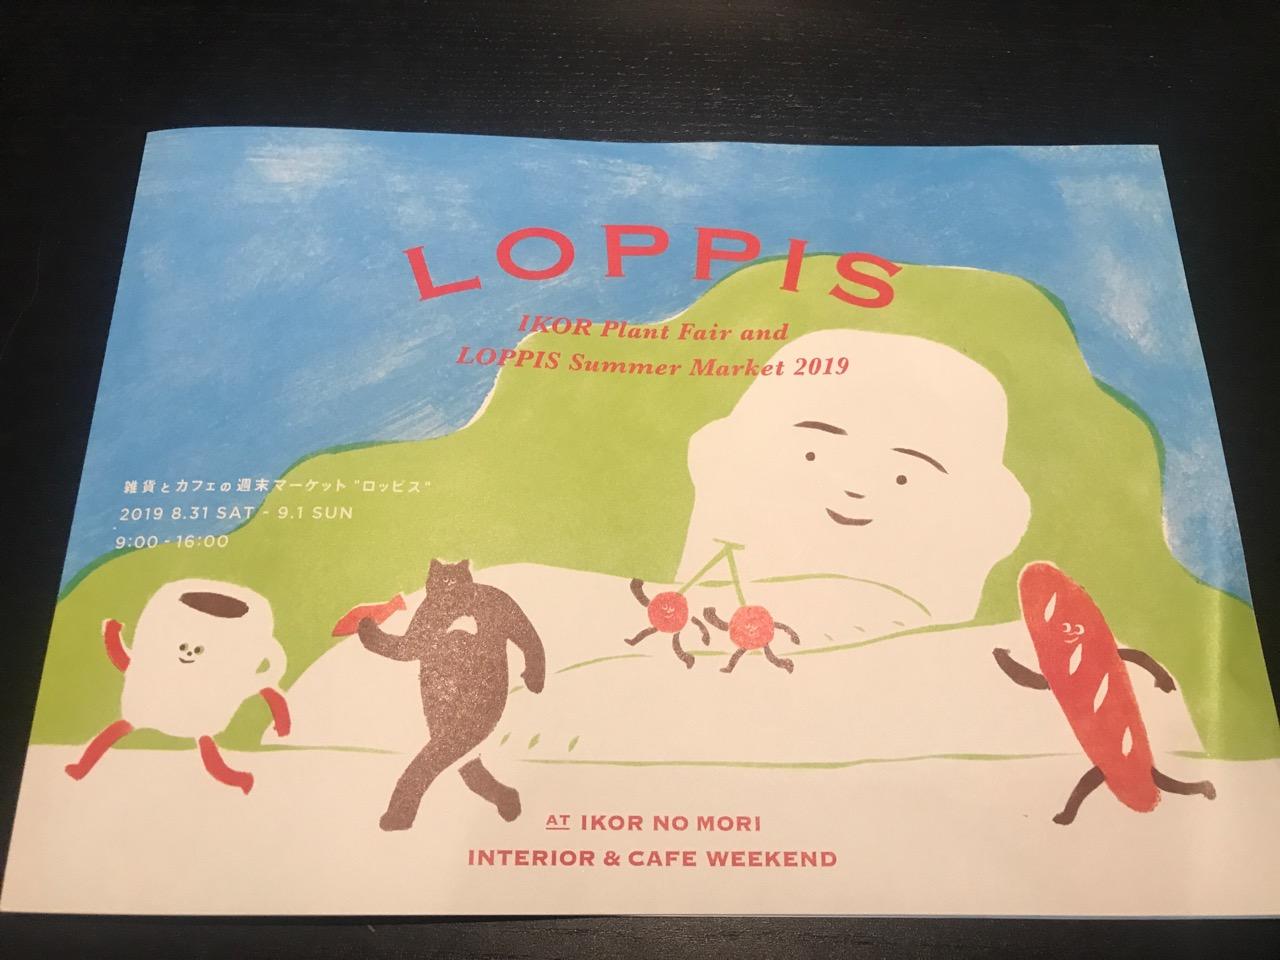 インテリア雑貨とカフェの週末マーケット LOPPIS